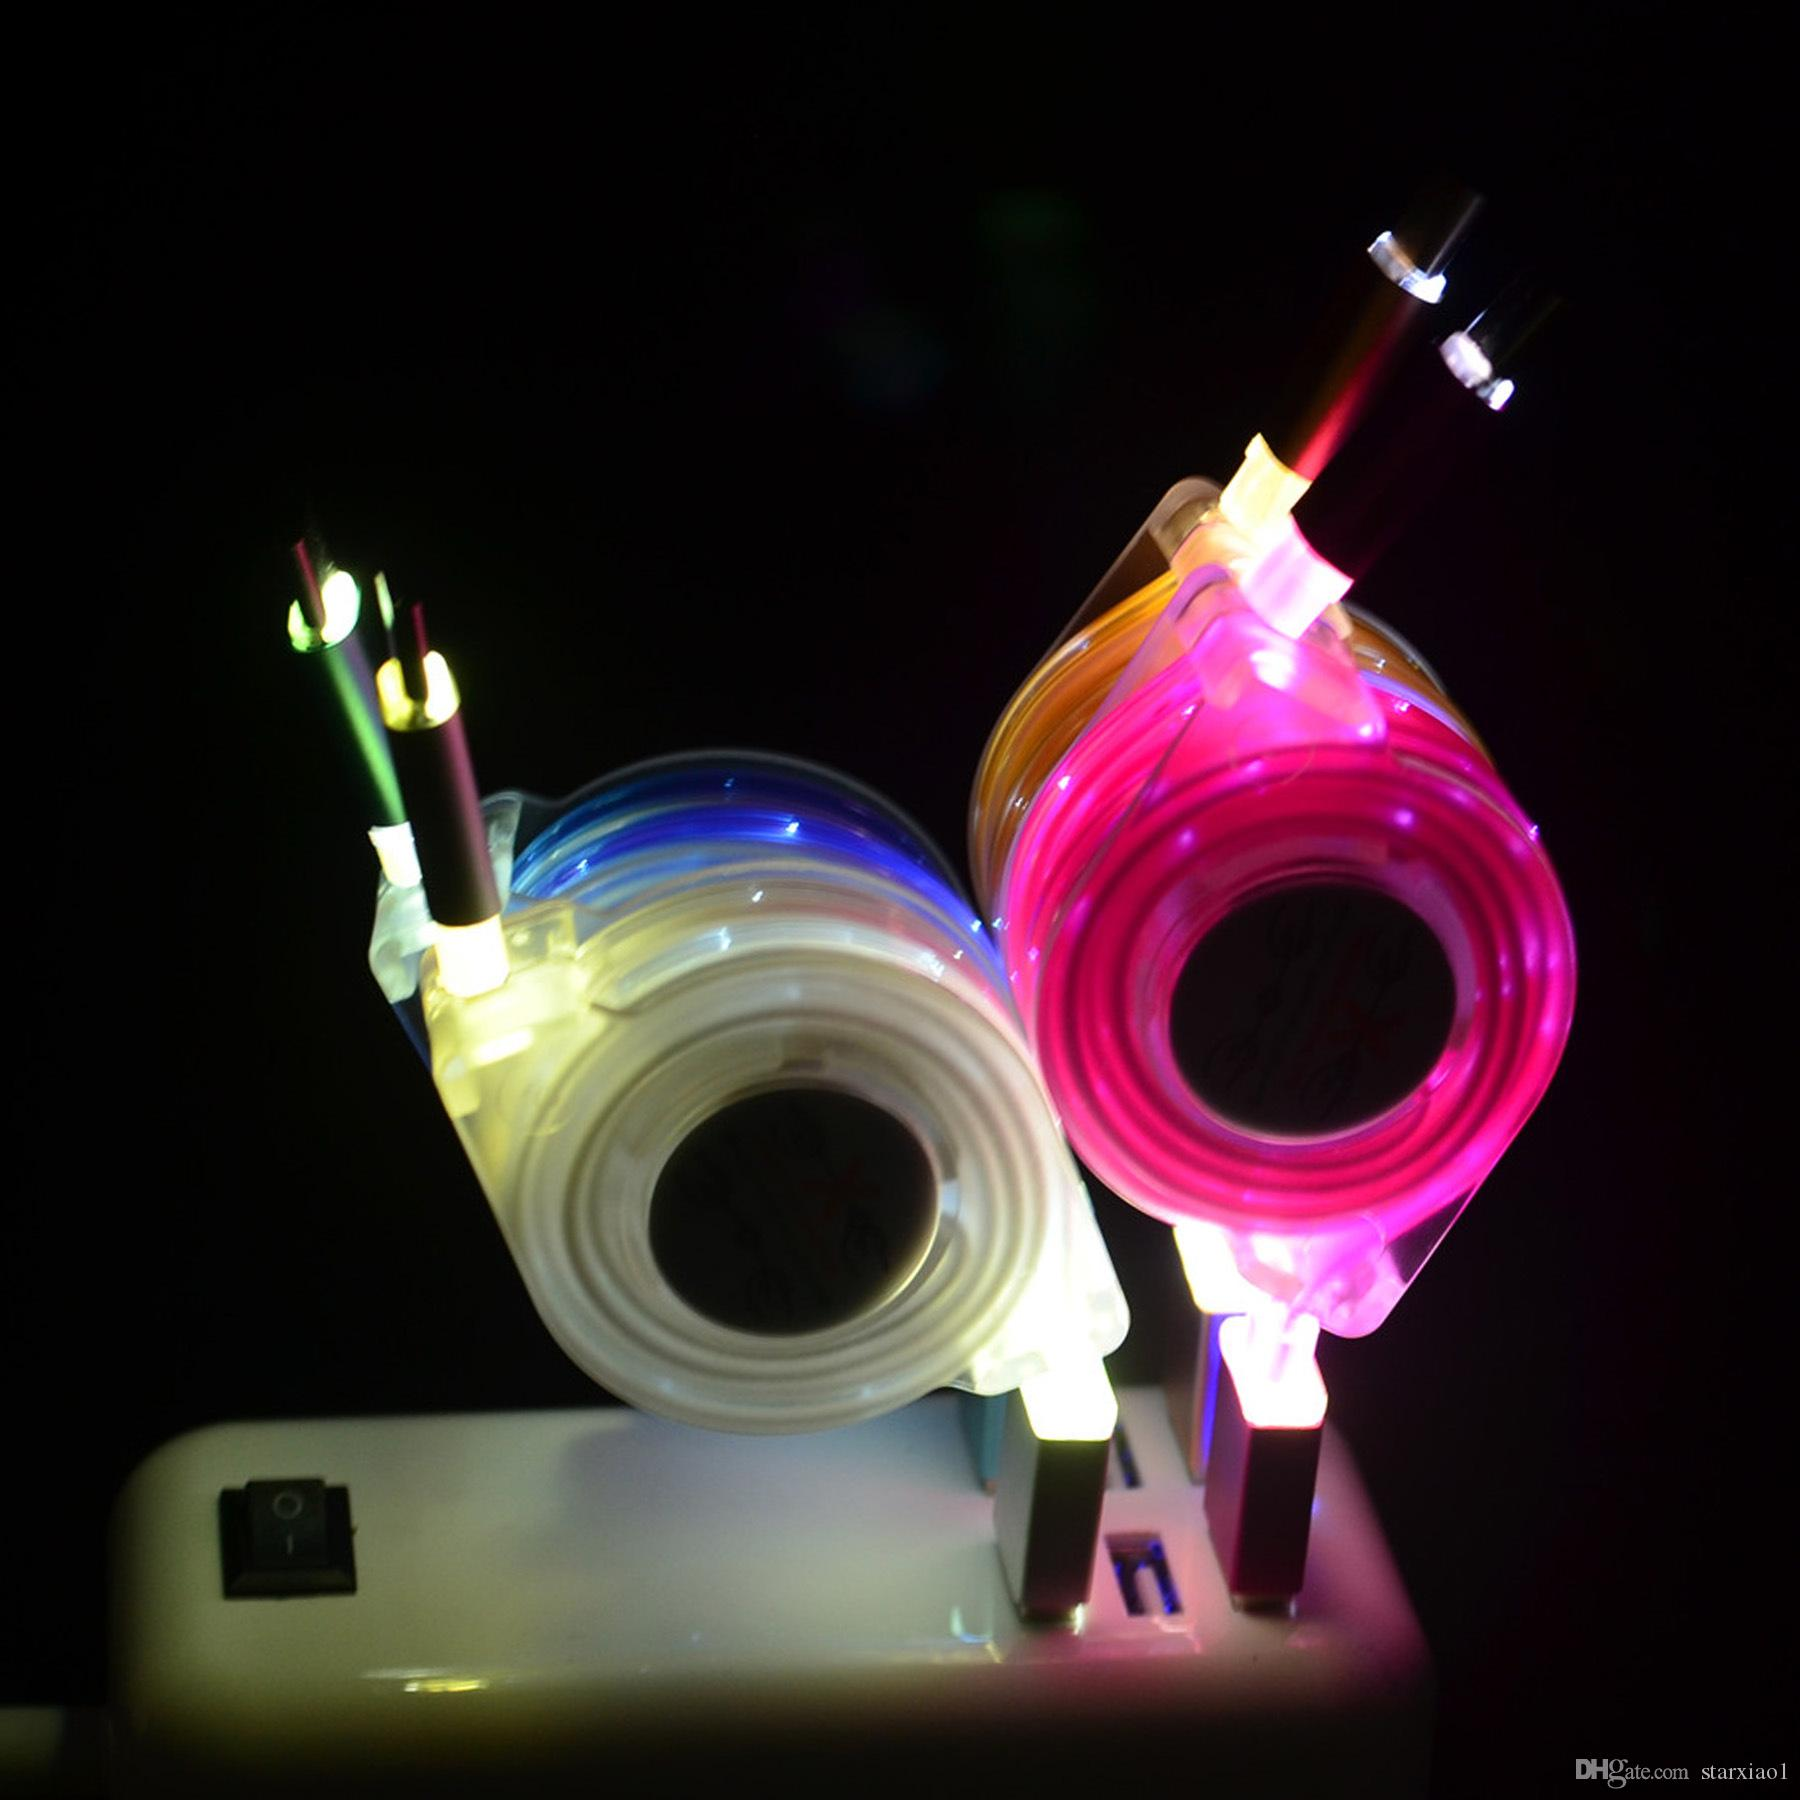 LED leuchten flache Nudel Micro USB Kabel Typ C für Samsung I5 Smartphone Tablet PC Bunte einziehbare Kabel Flexible Ladekabel